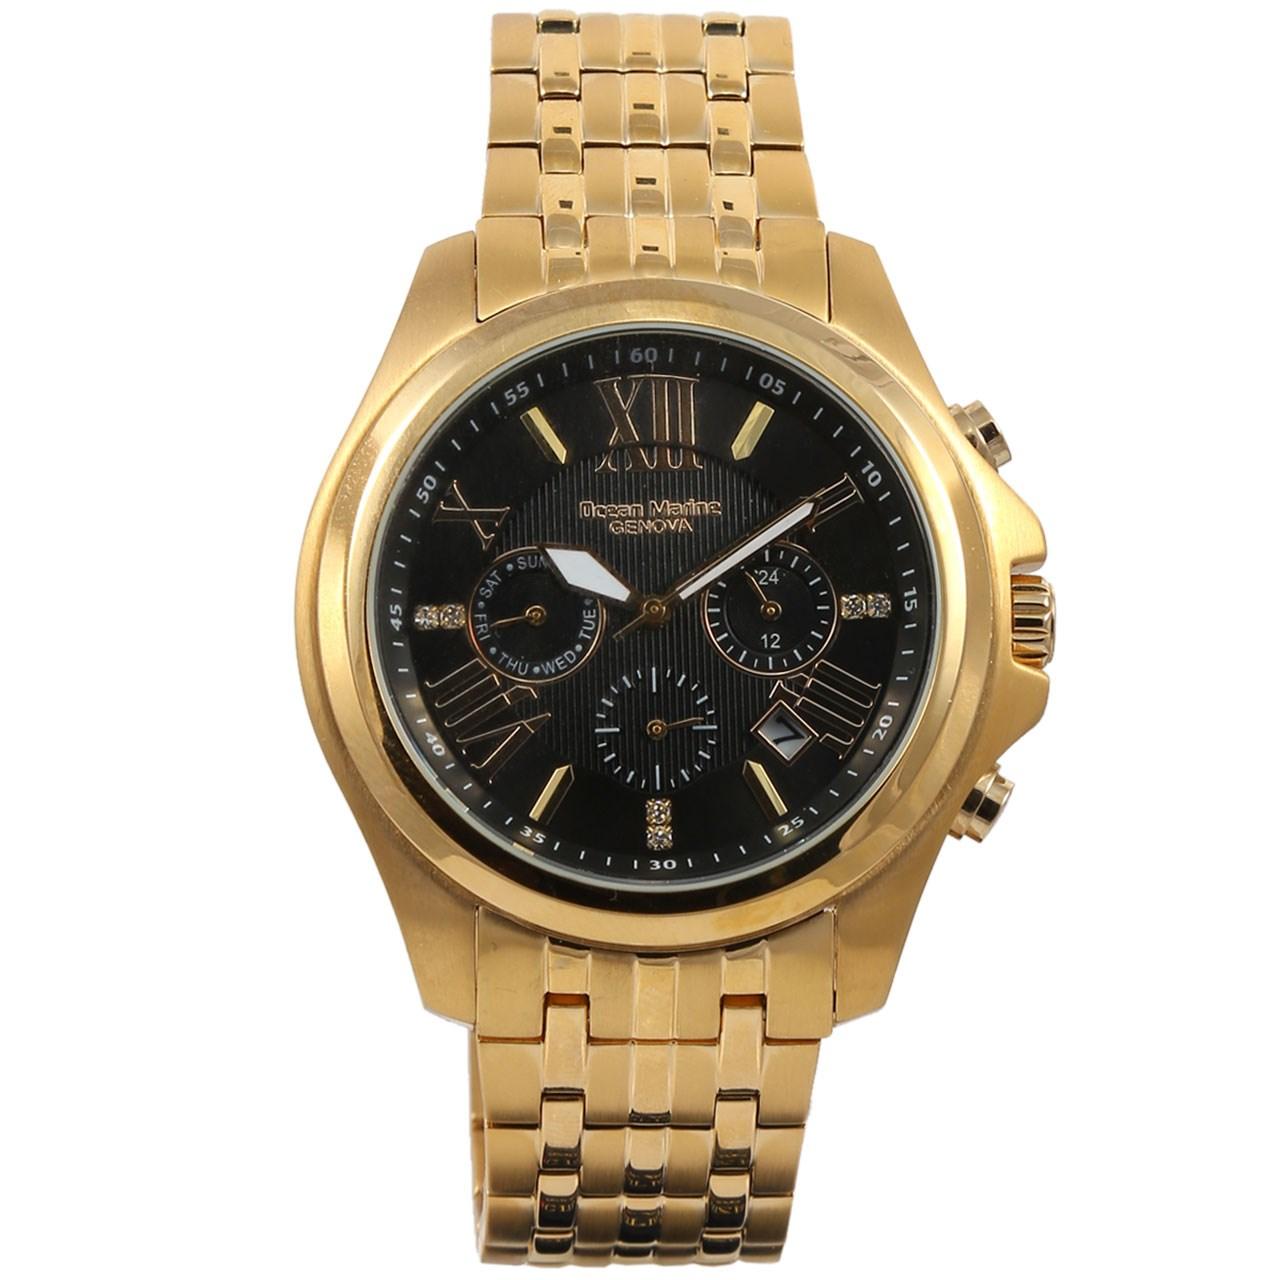 ساعت مچی عقربه ای مردانه اوشن مارین مدل OM9959-1